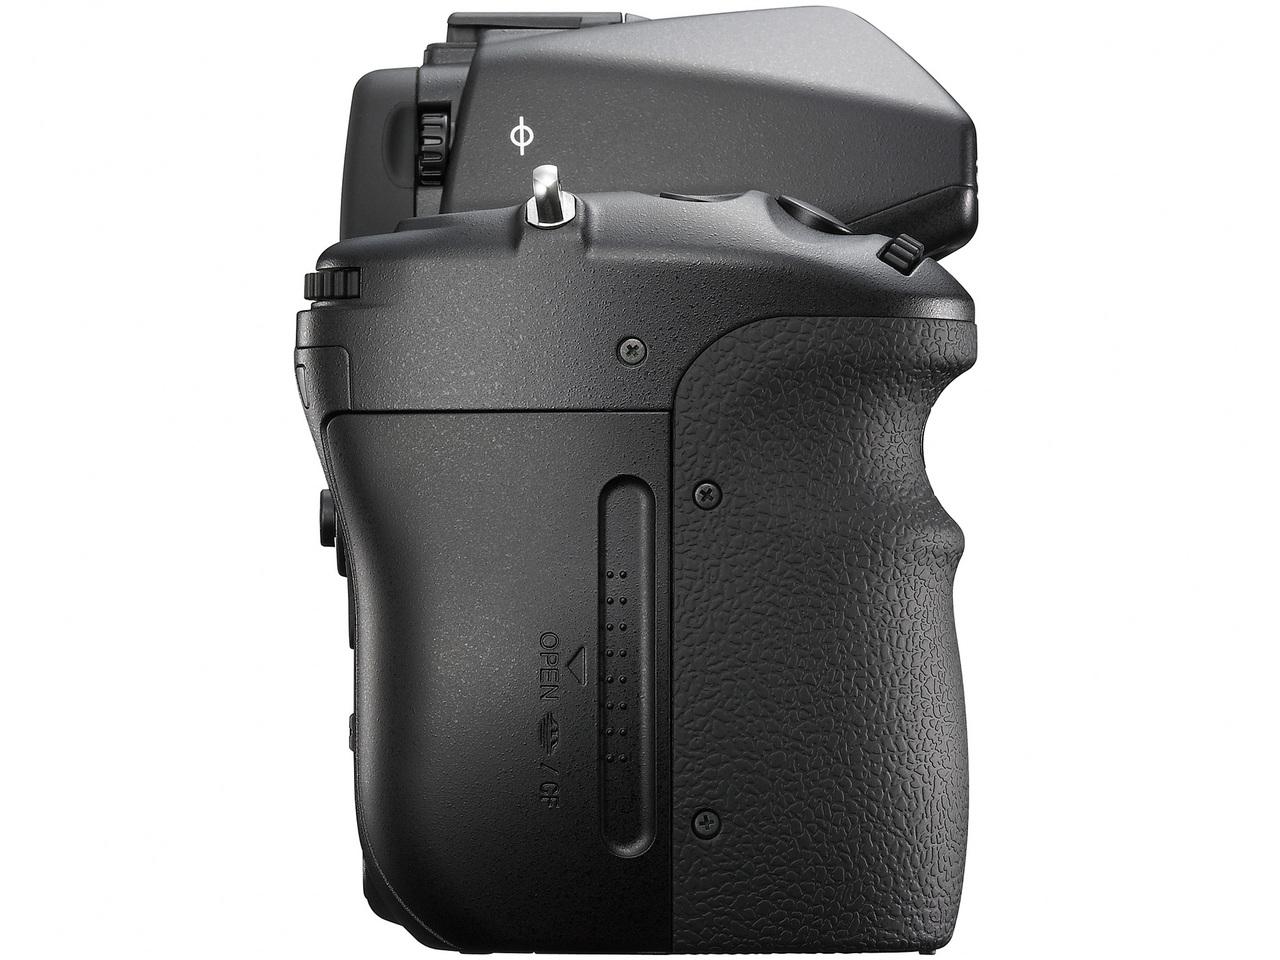 『本体 右側面』 α900 DSLR-A900 ボディ の製品画像